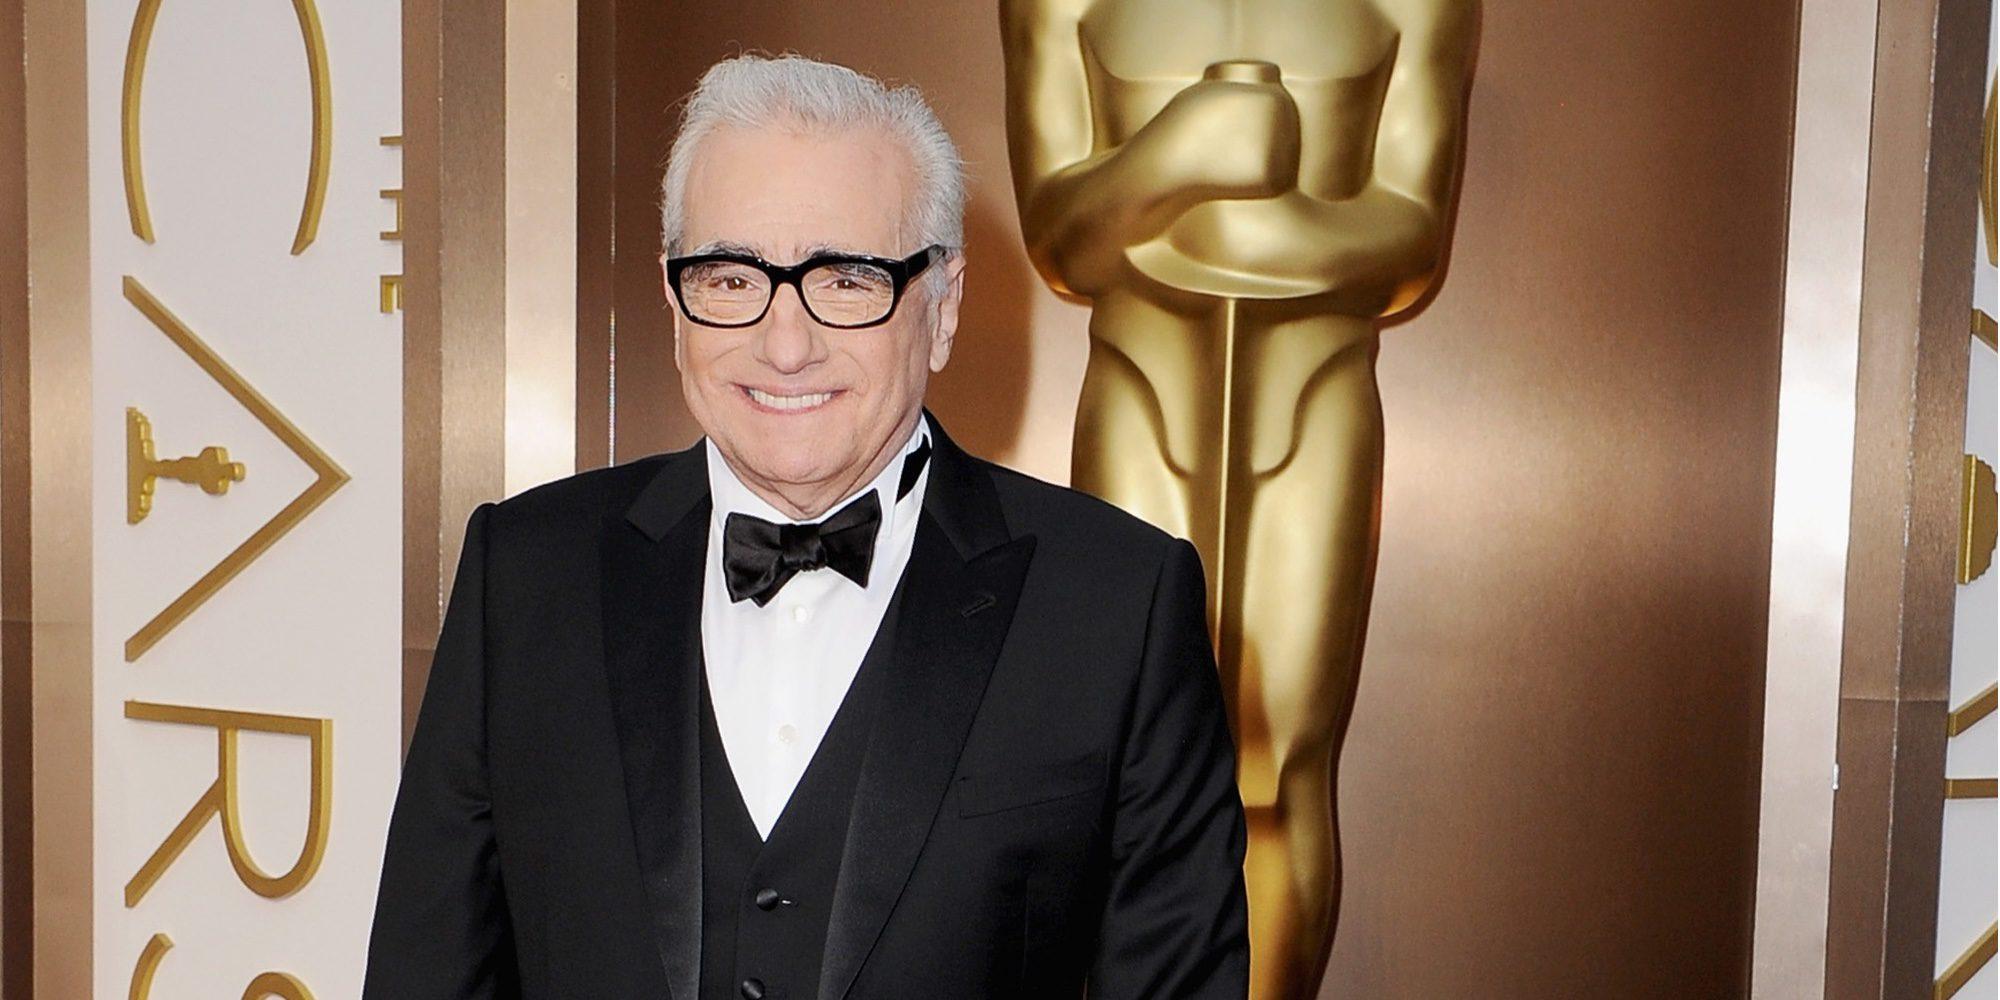 Martin Scorsese confiesa que fue adicto a las drogas hace casi cuatro décadas